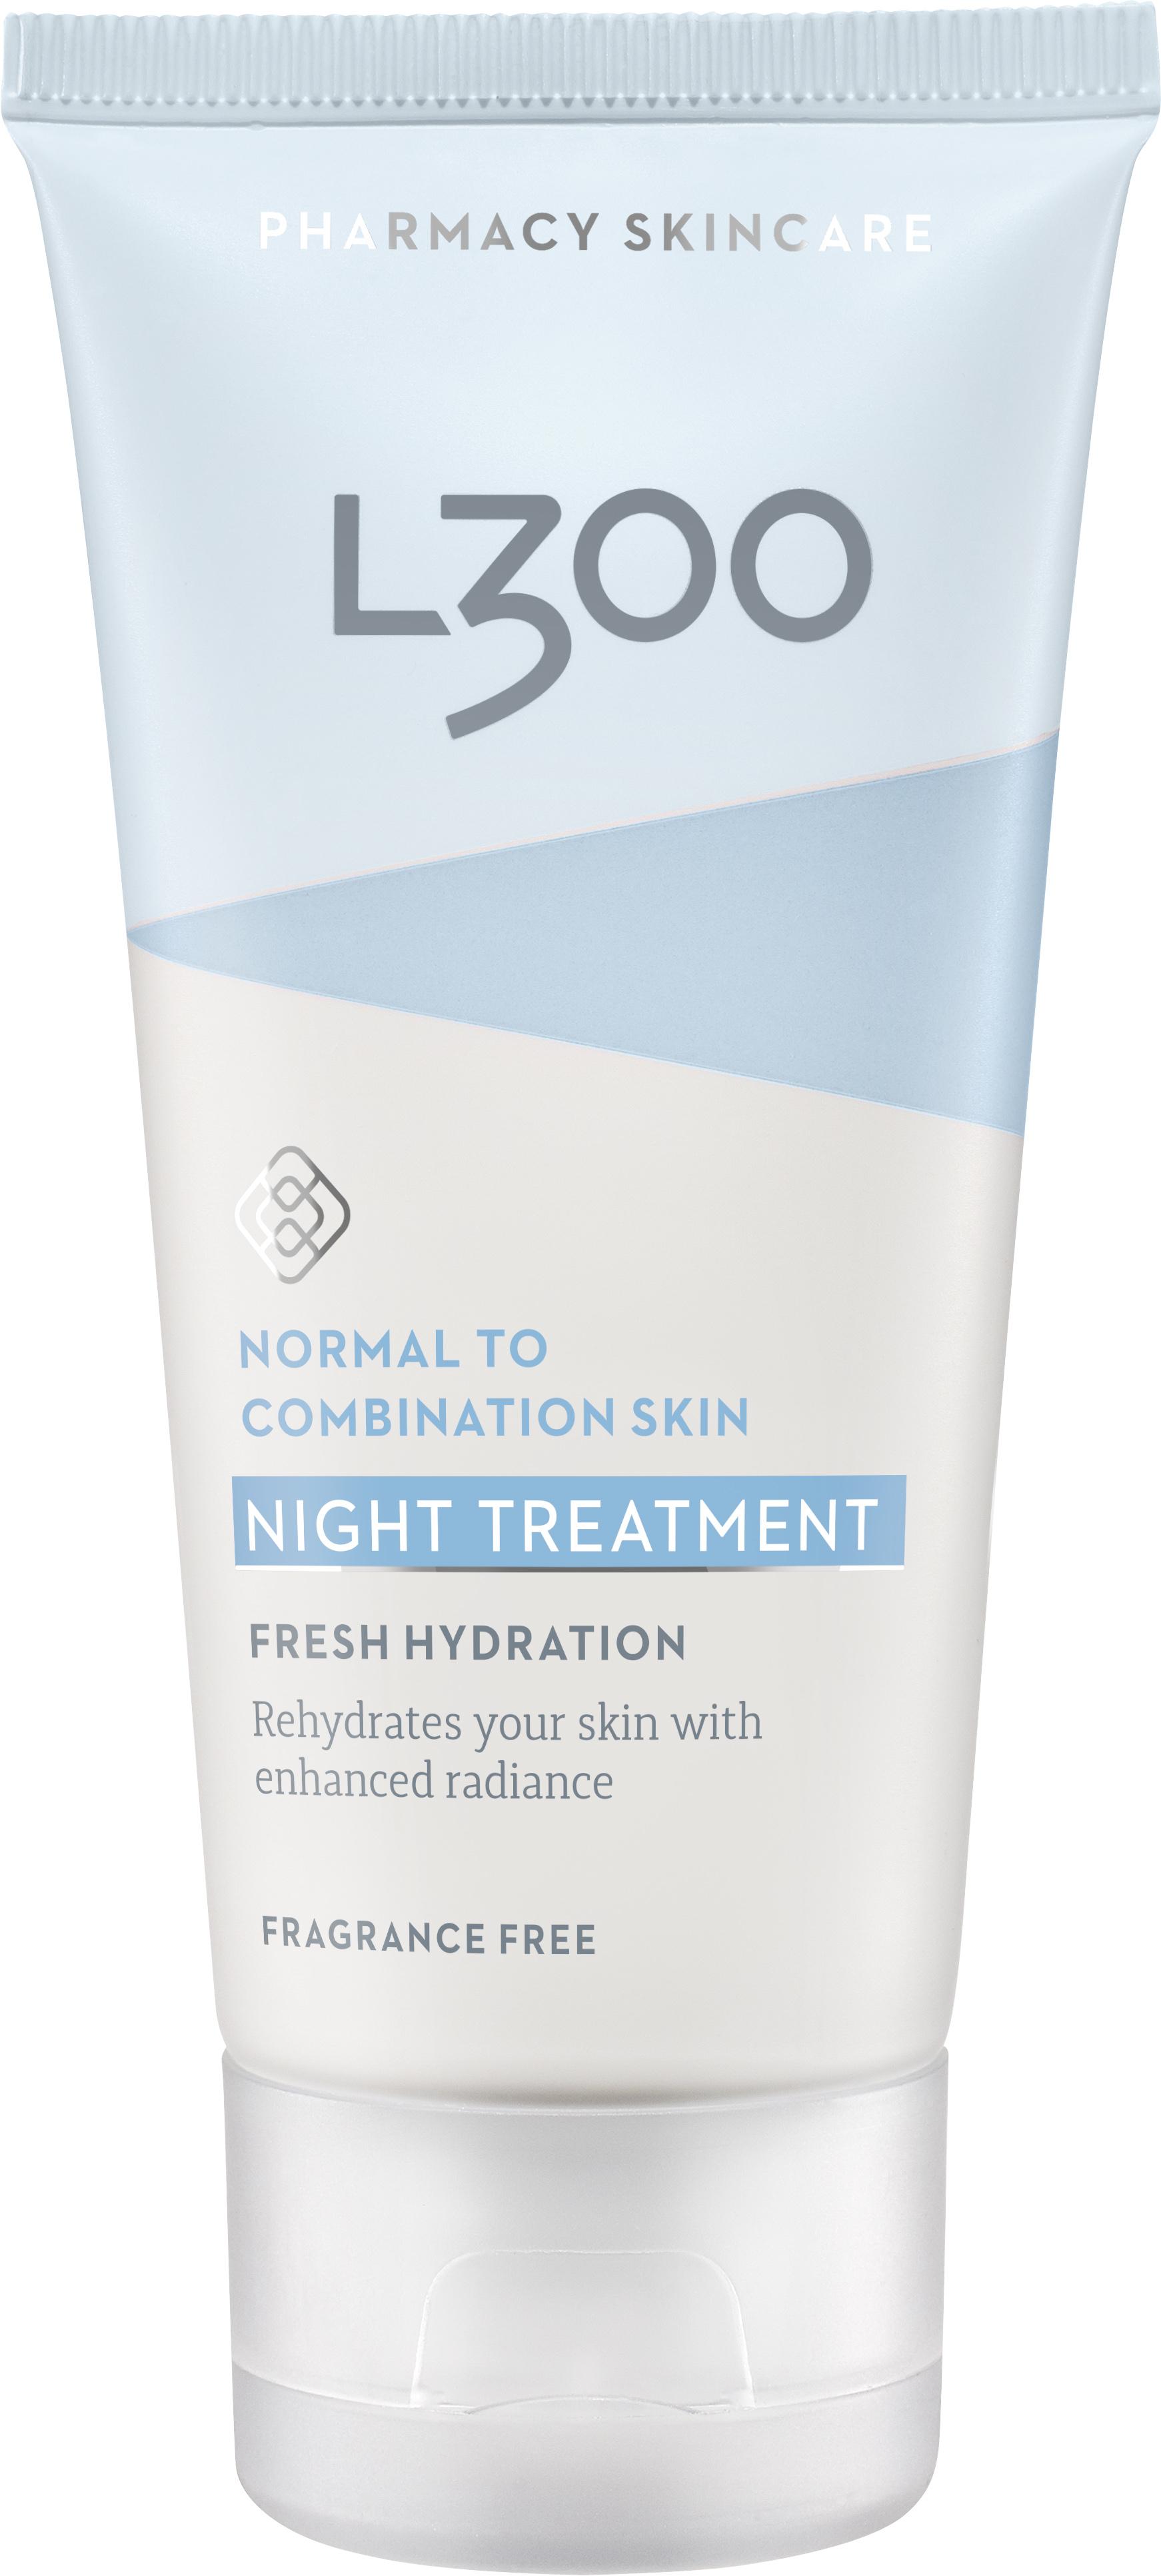 L300 Fresh Hydration Night Treatment